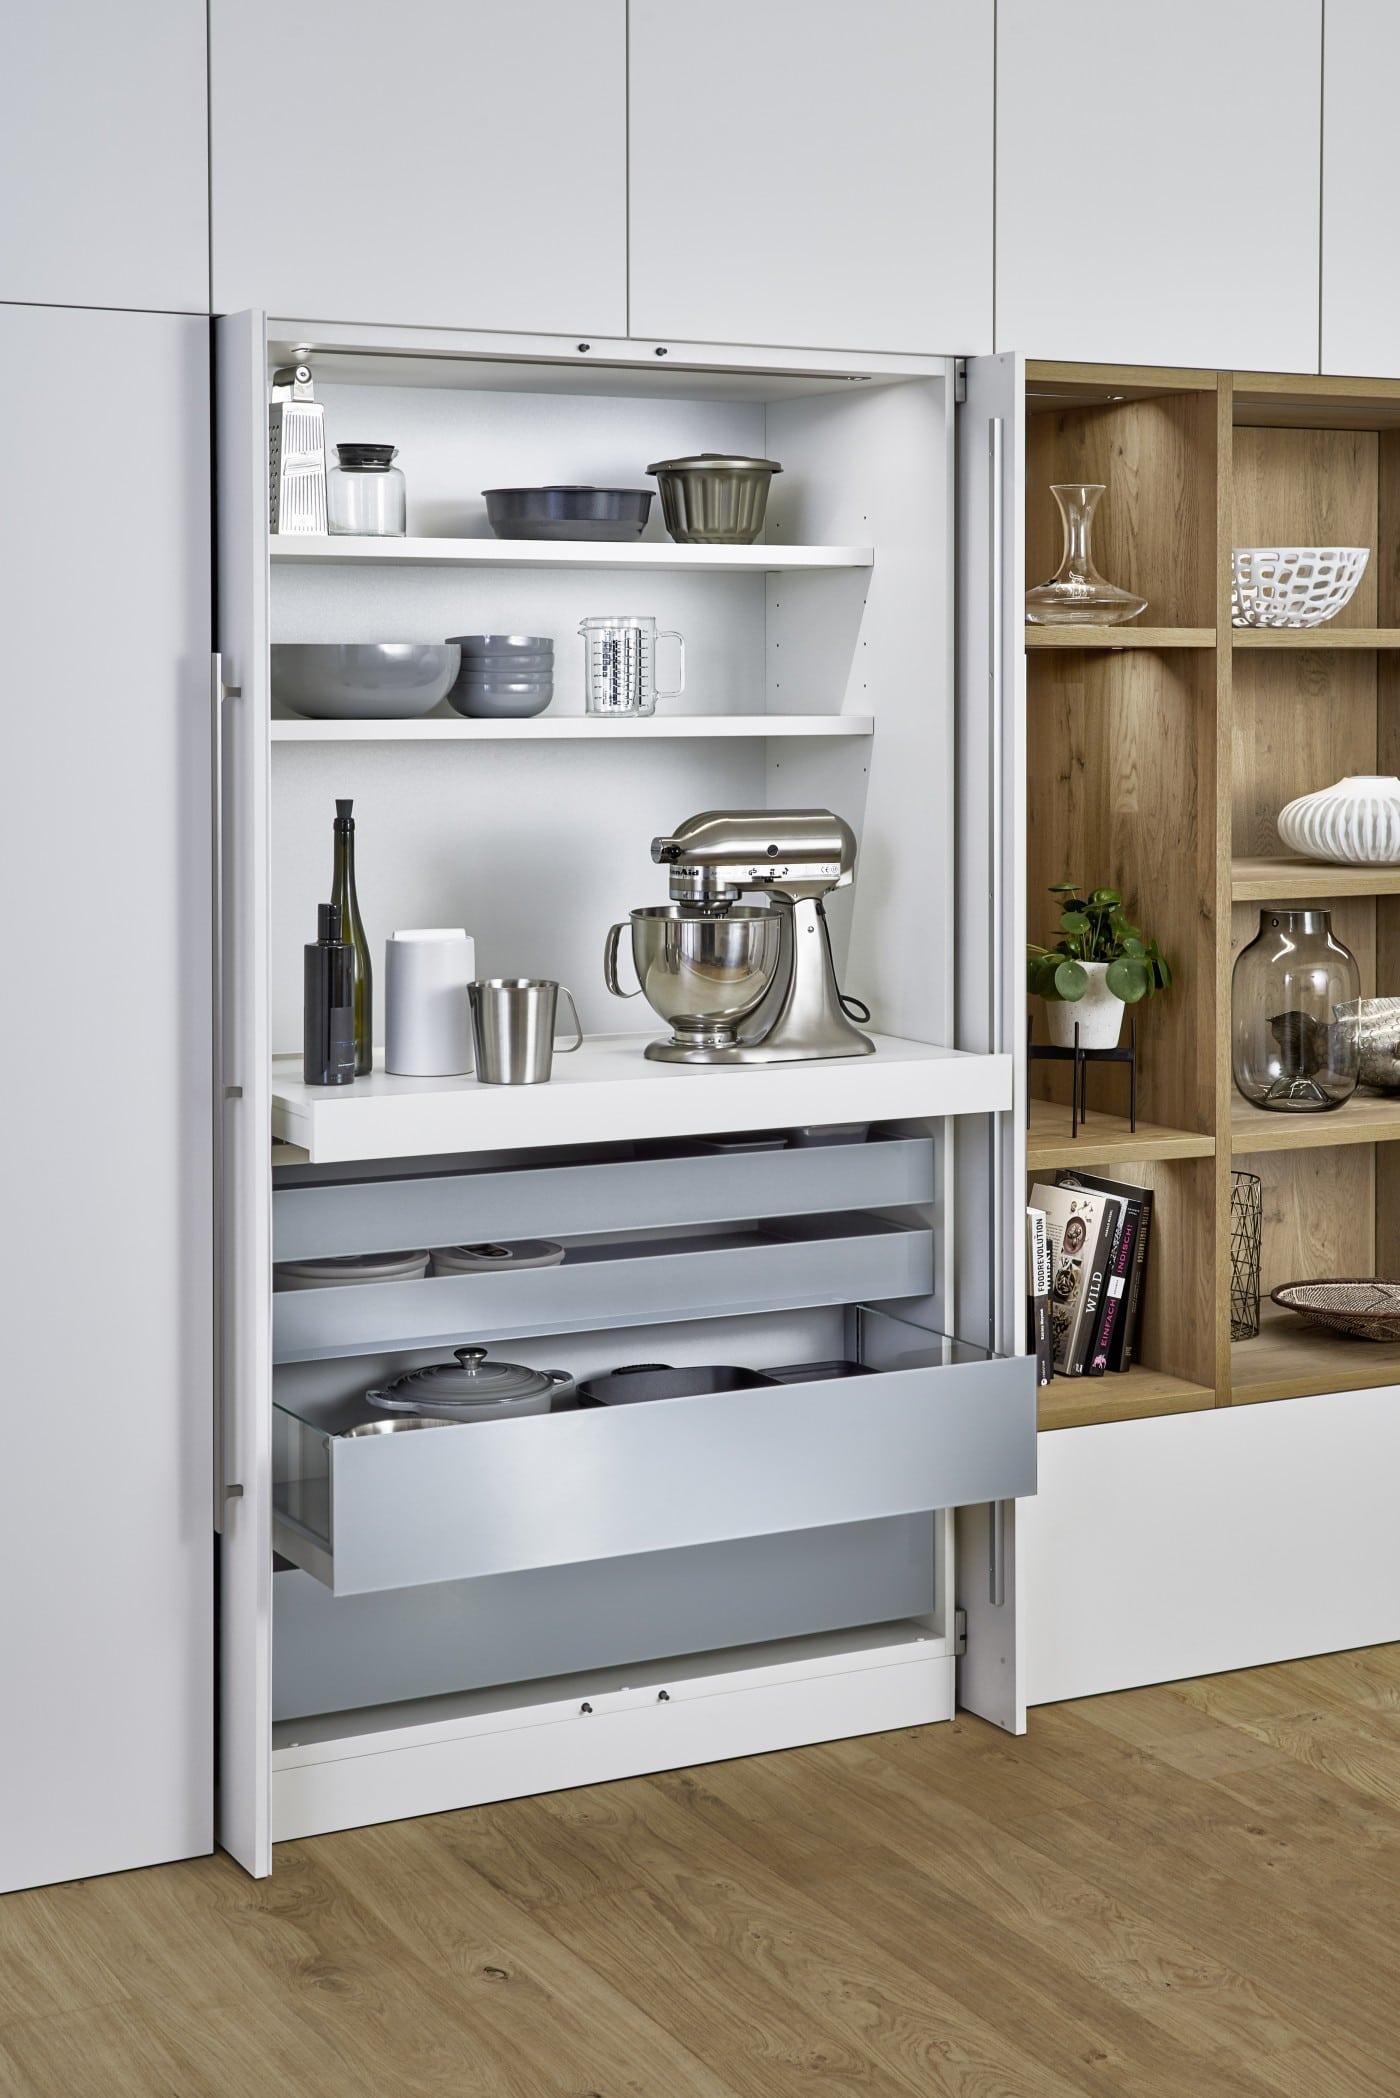 Leicht Kitchen: XYLO - Elan Kitchens